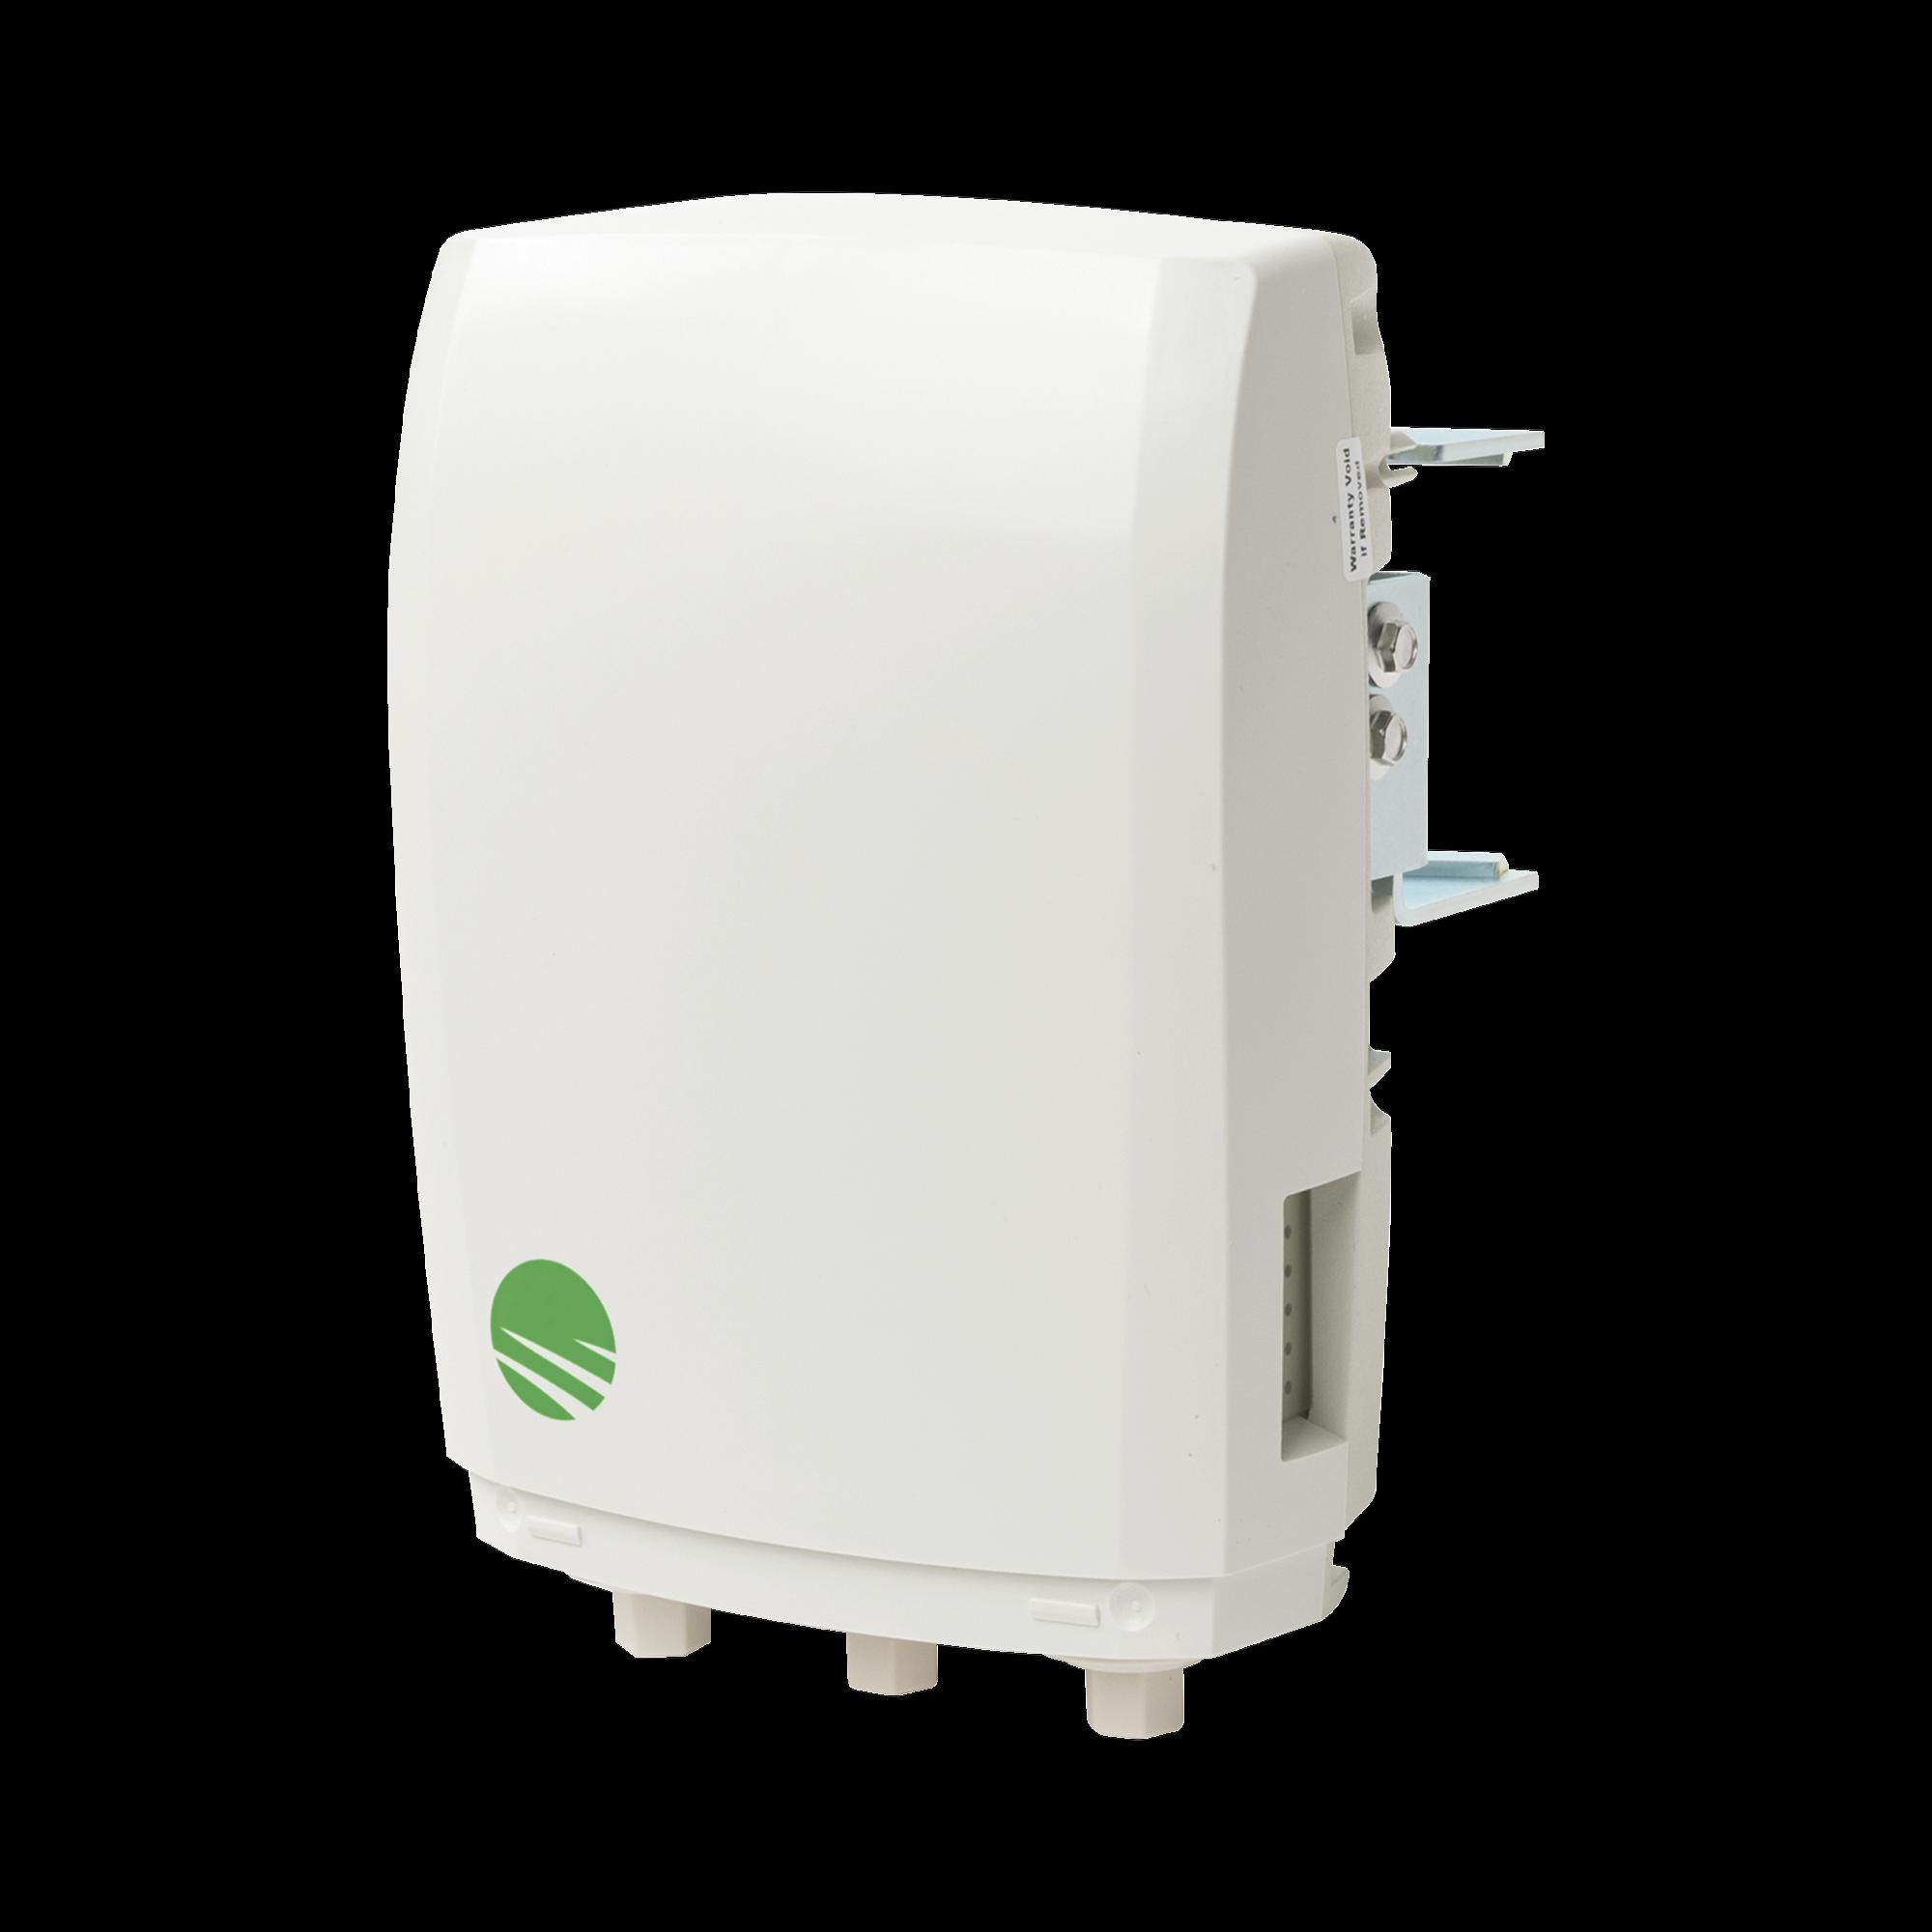 Unidad Base Multihaul BU?, 90?, 500Mbps actualizables a 1800Mbps, 2 puertos RJ-45 & 1 SFP (Salida PoE habilitada en 1 puerto), Montaje e inyector PoE incluidos, IP65, Color Blanco